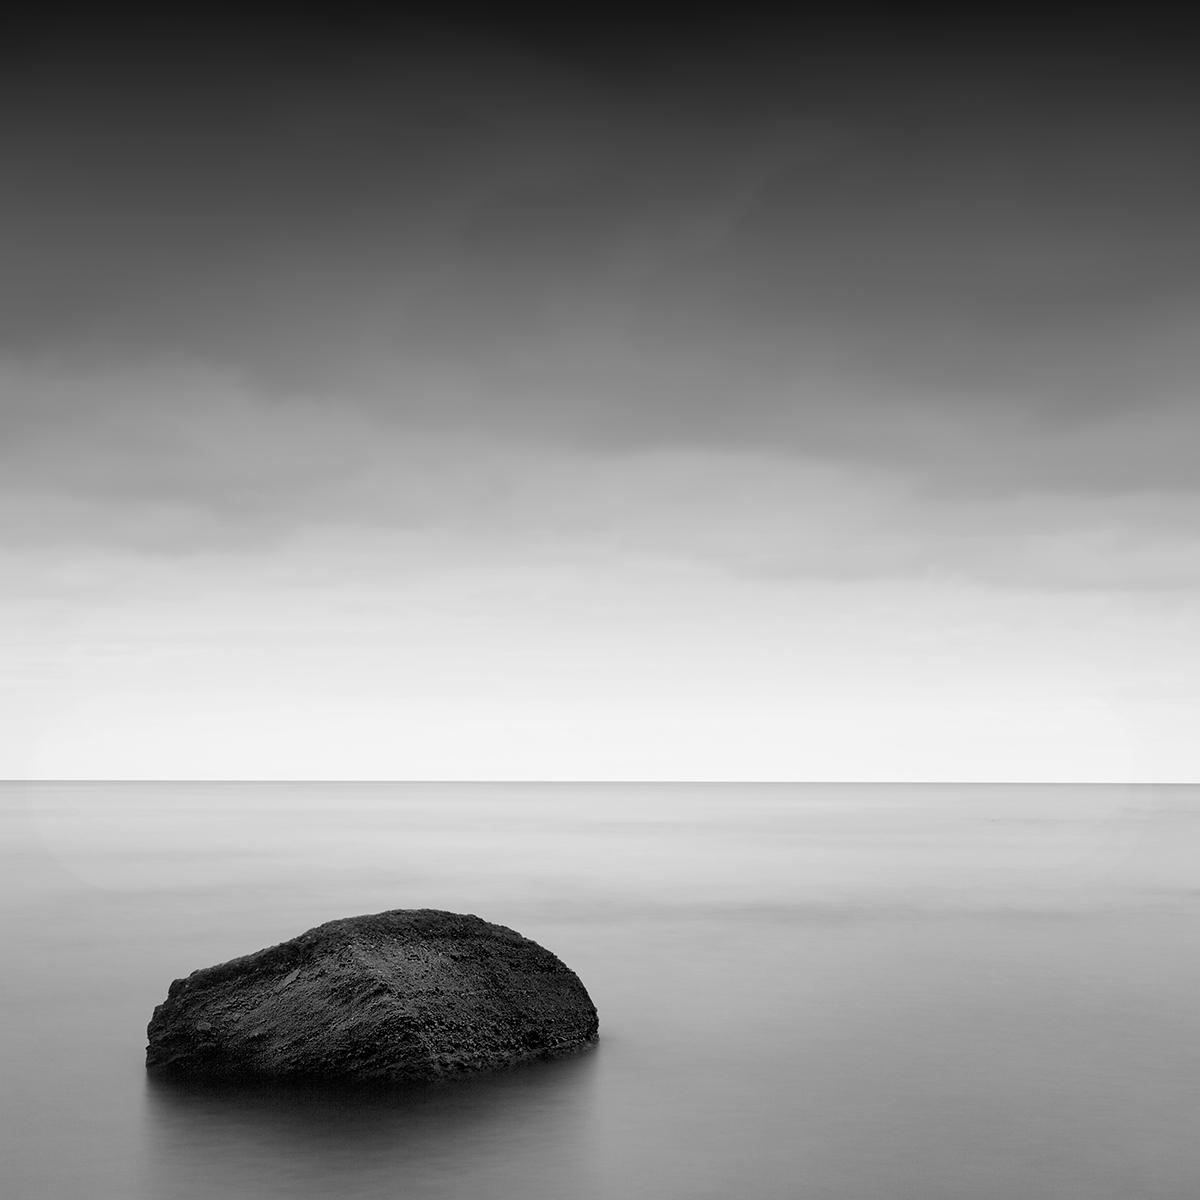 © Gee Hurkmans